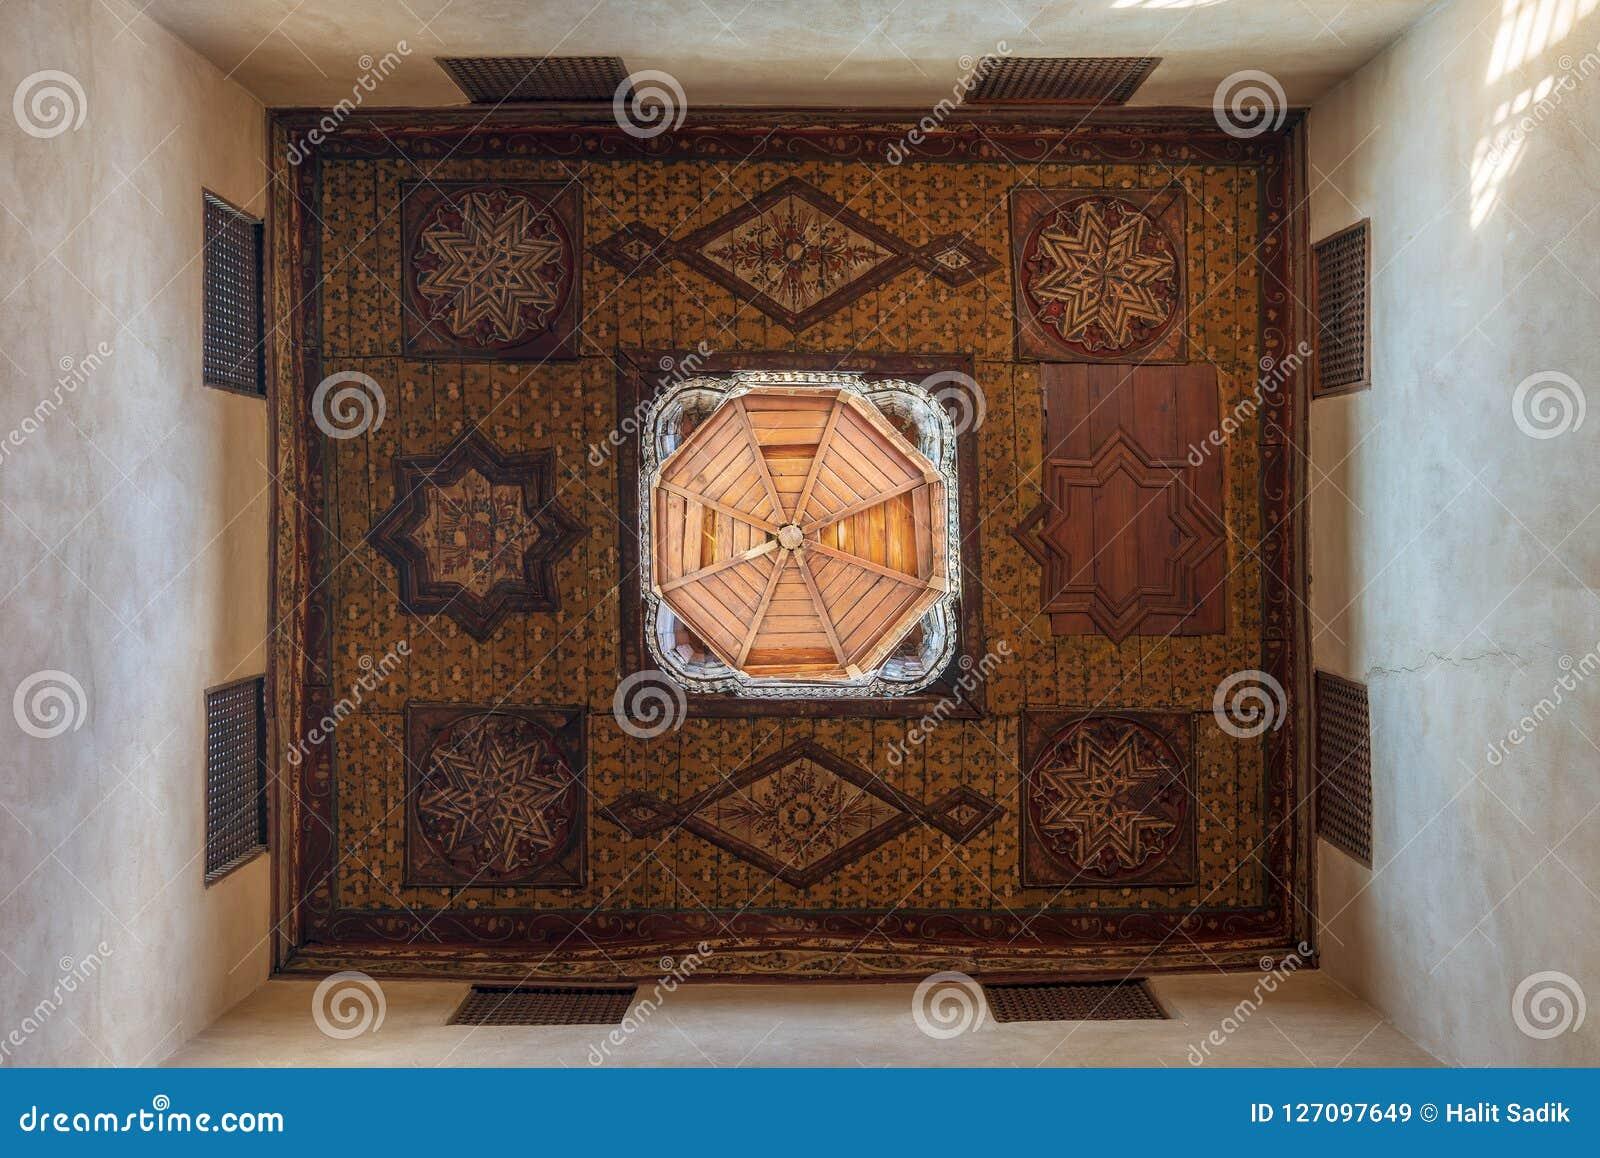 A era do otomano decorou o teto de madeira com as decorações florais do teste padrão e a abóbada de madeira, o Cairo, Egito